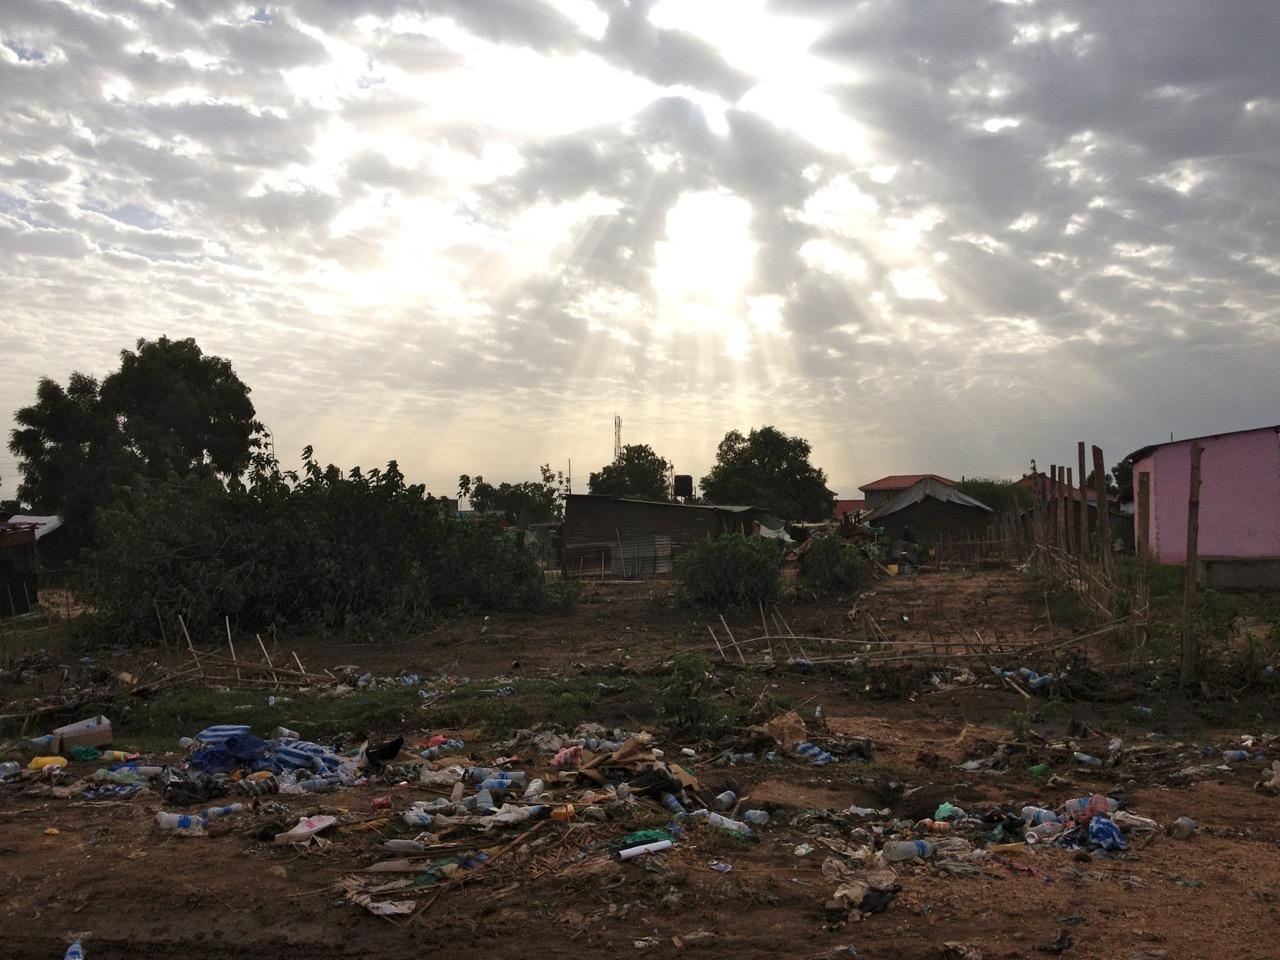 Sky over garbage - Juba, South Sudan